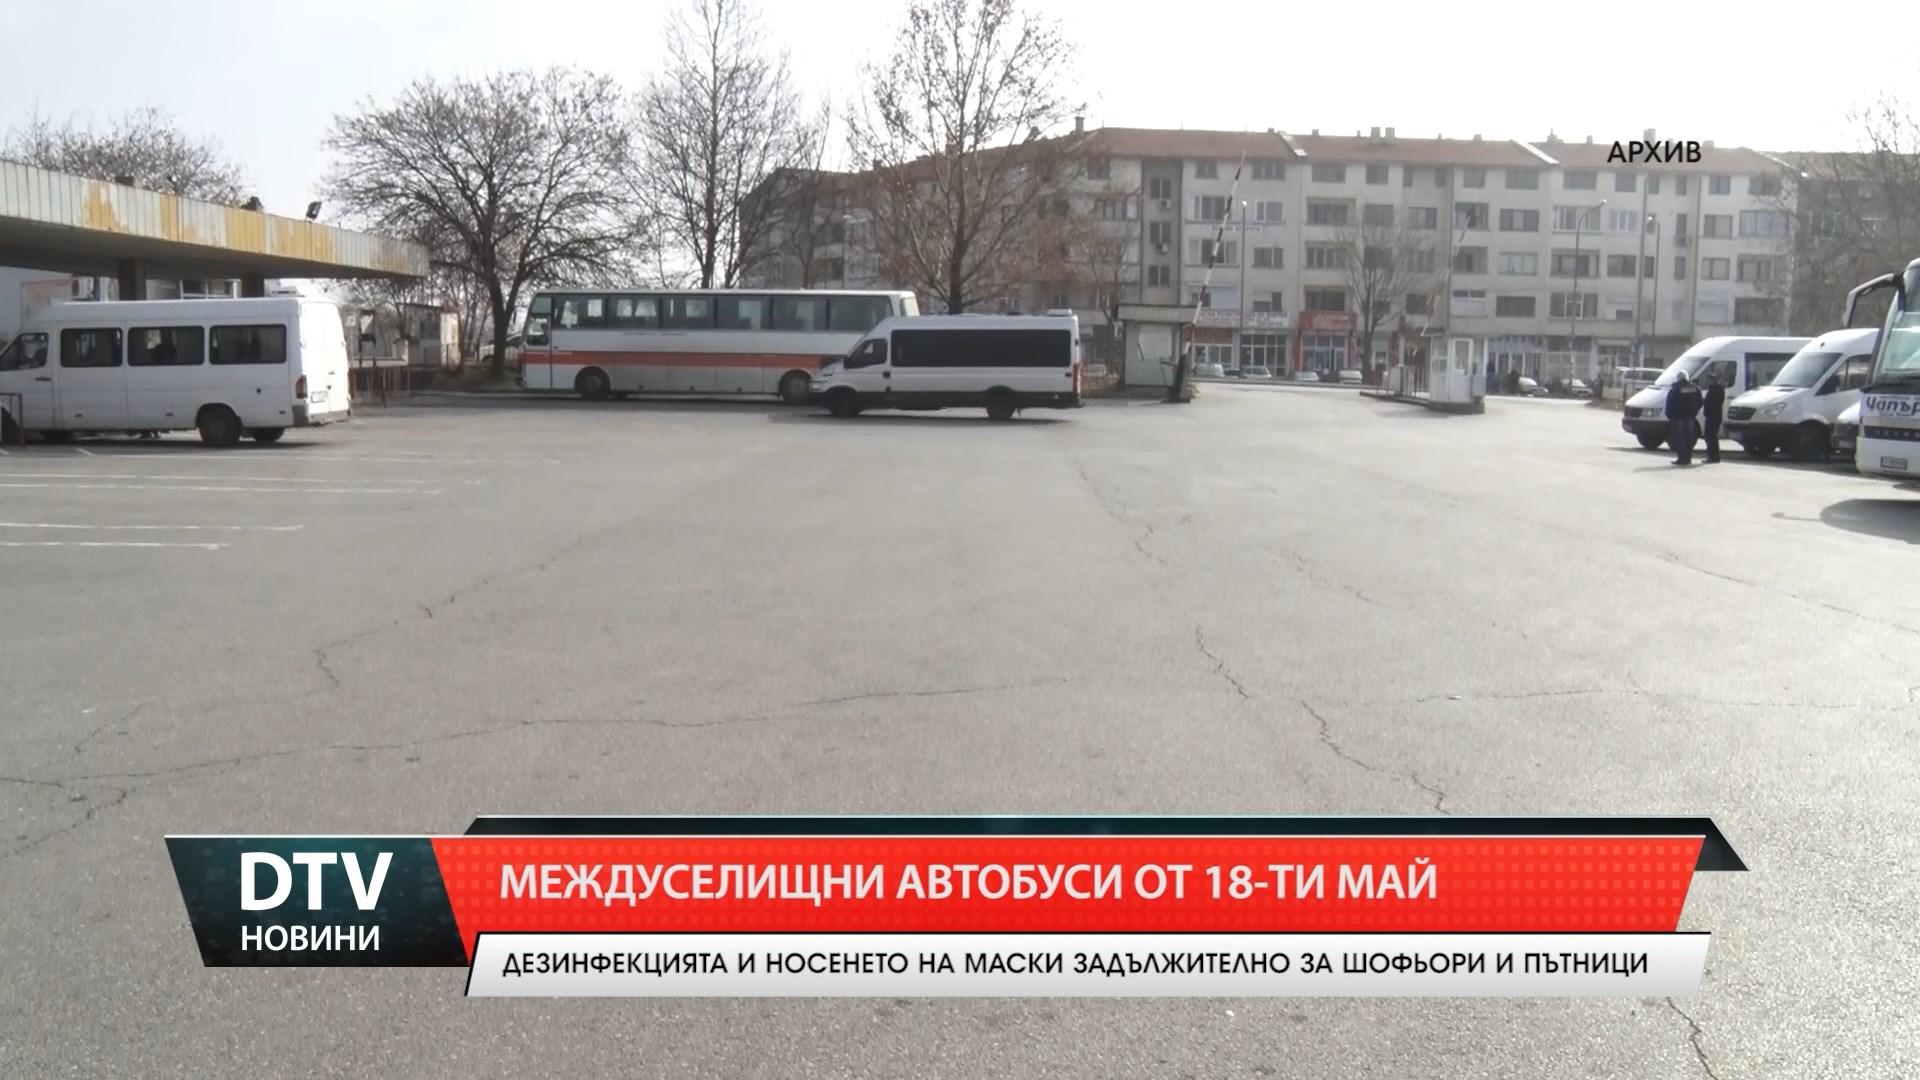 Междуселищните превози тръгват от 18-ти май